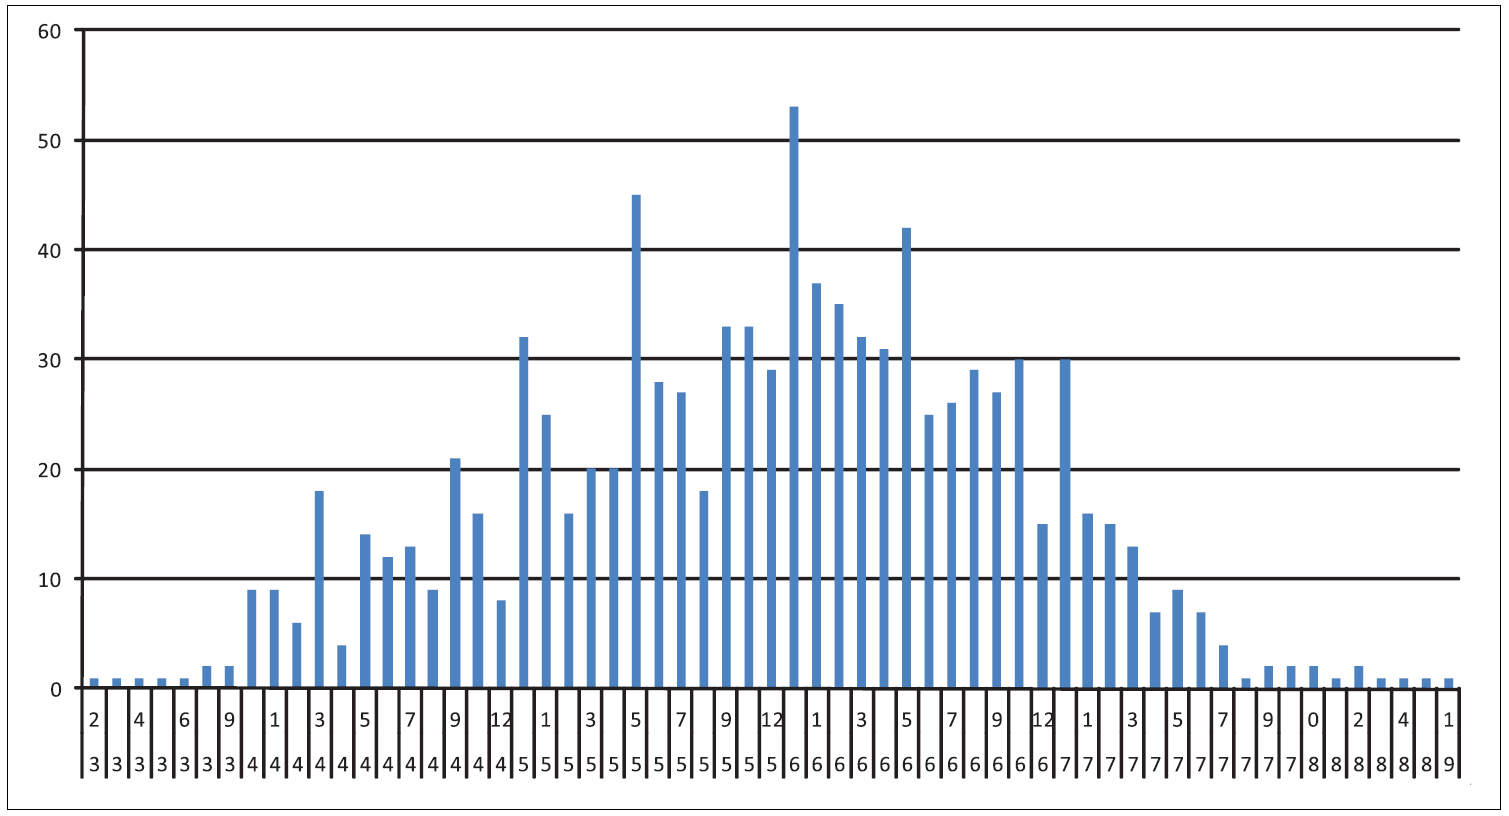 Věková struktura dětí s přesností na měsíce. (dolní řádek pod osou x znázorňuje roky, horní řádek měsíce, osa y počet dětí).